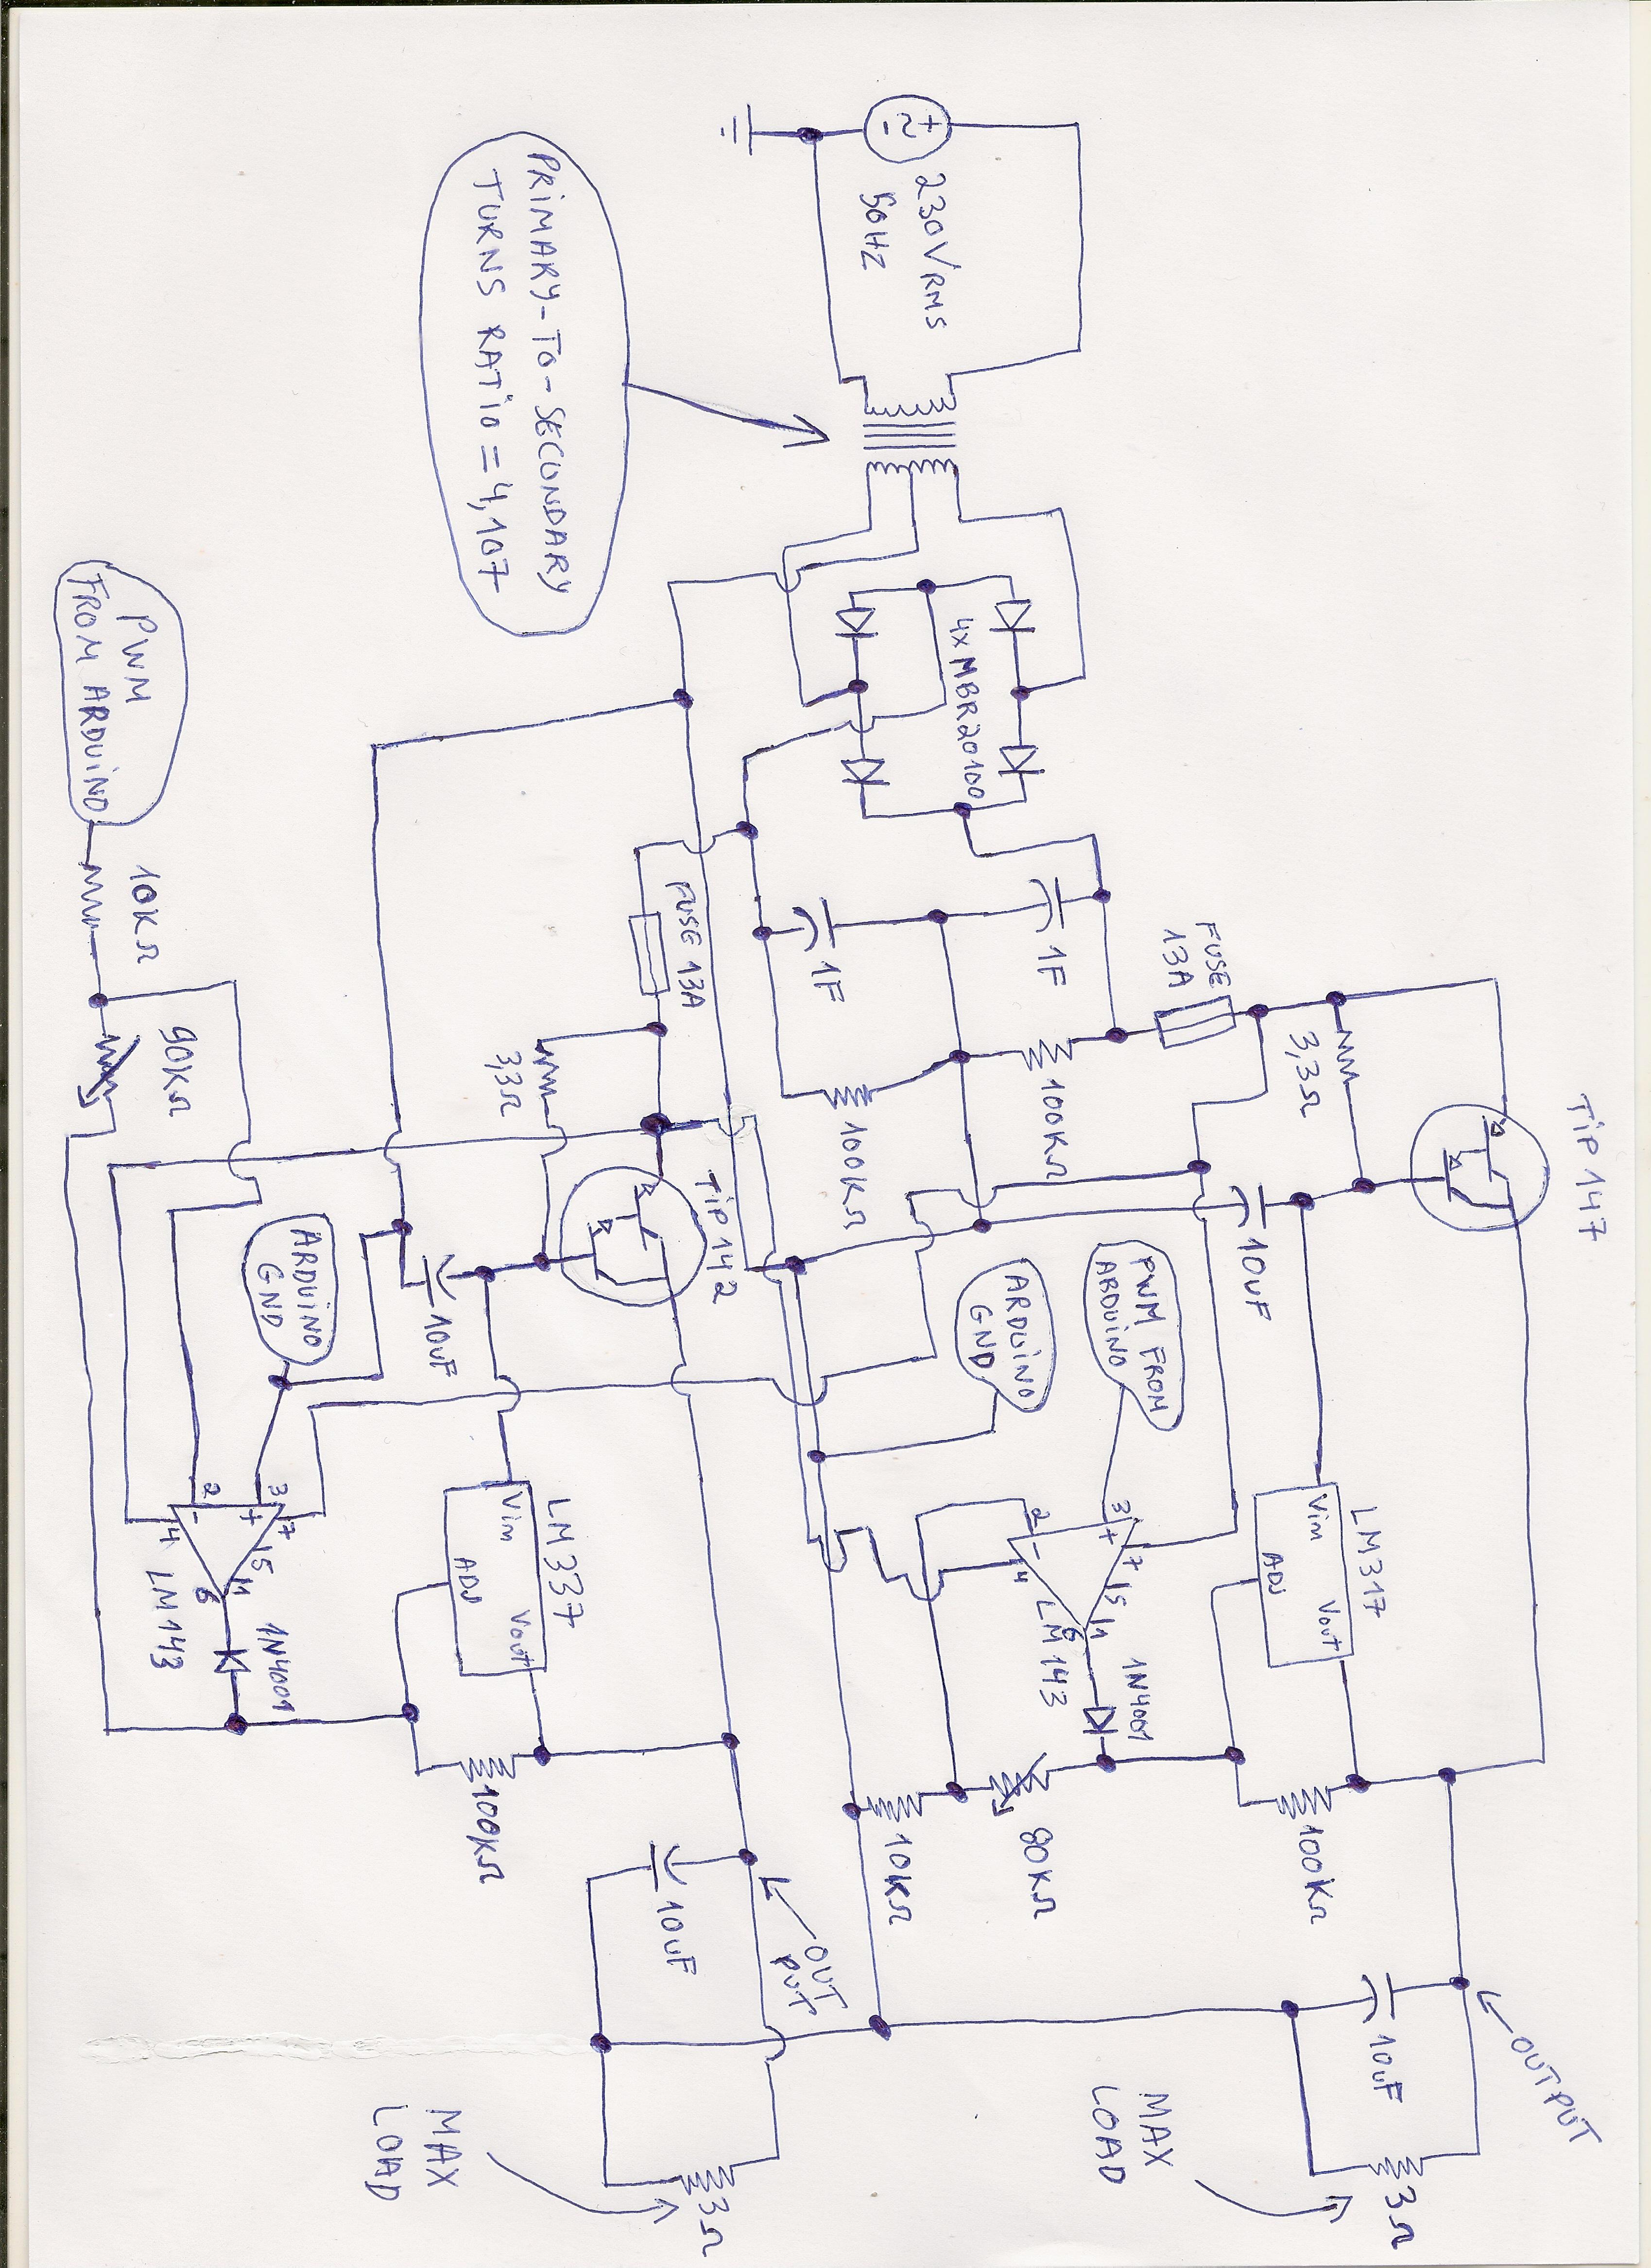 Power supply circuit 0wxpwhm1kw